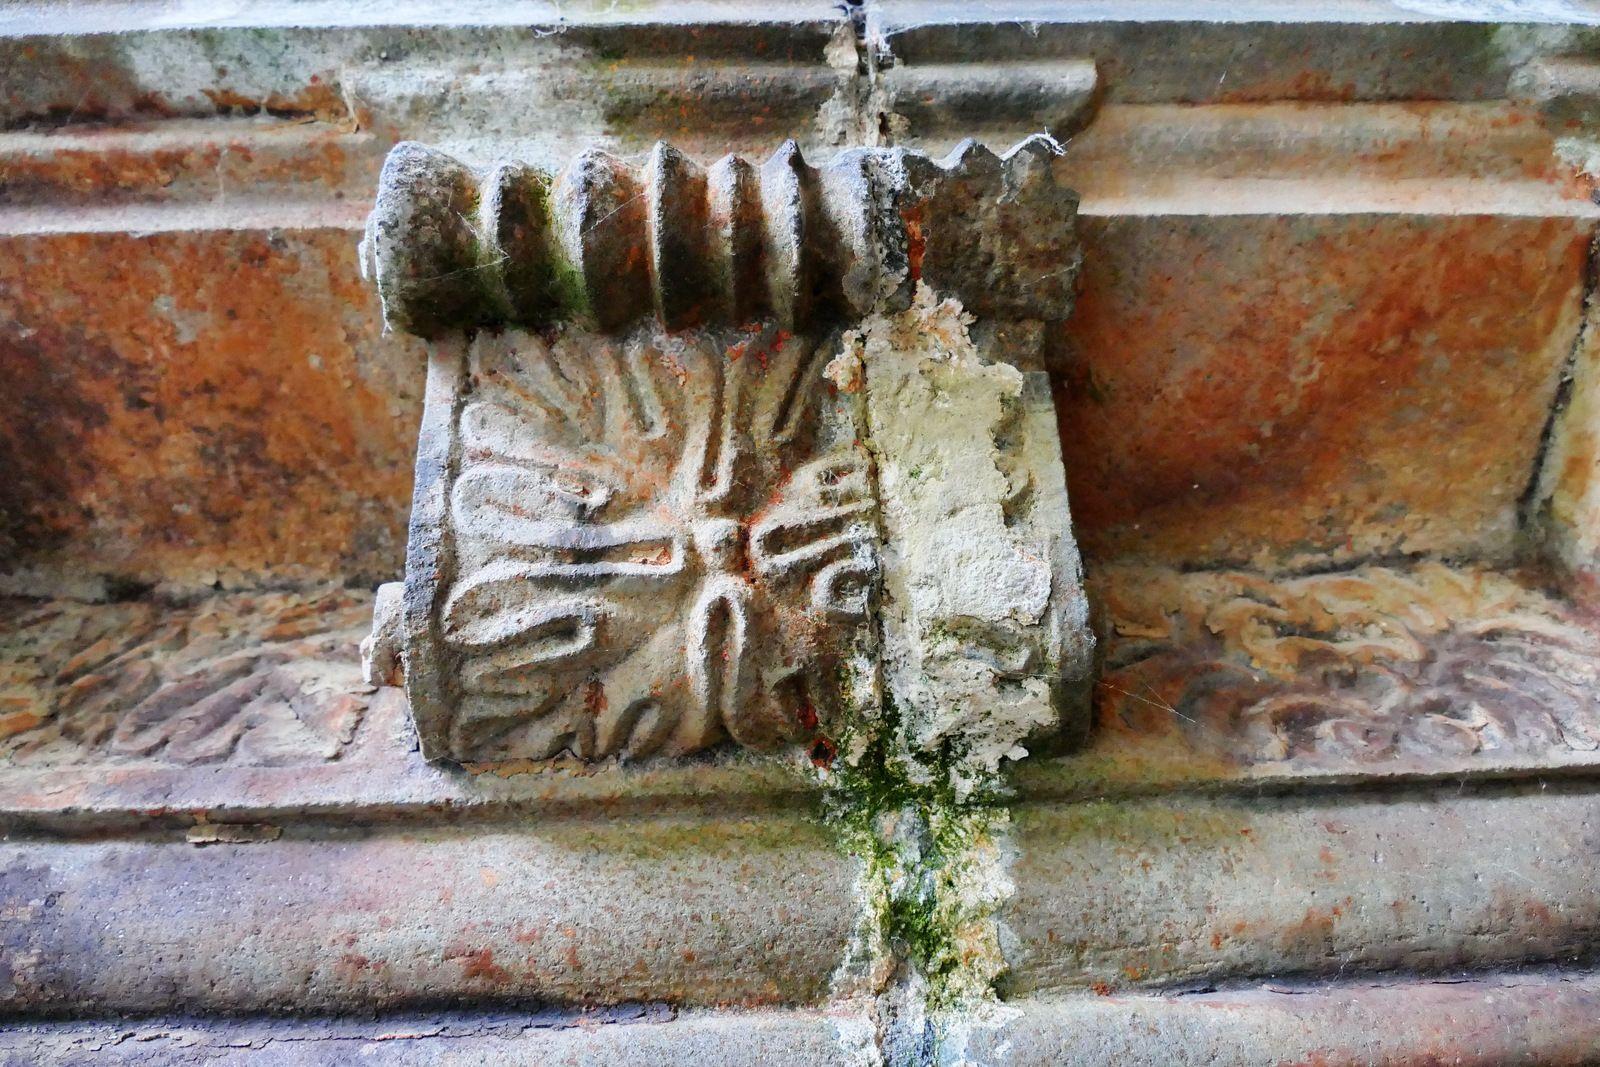 Modillons du porche intérieur de l'église de Guimiliau. Photographie lavieb-aile.